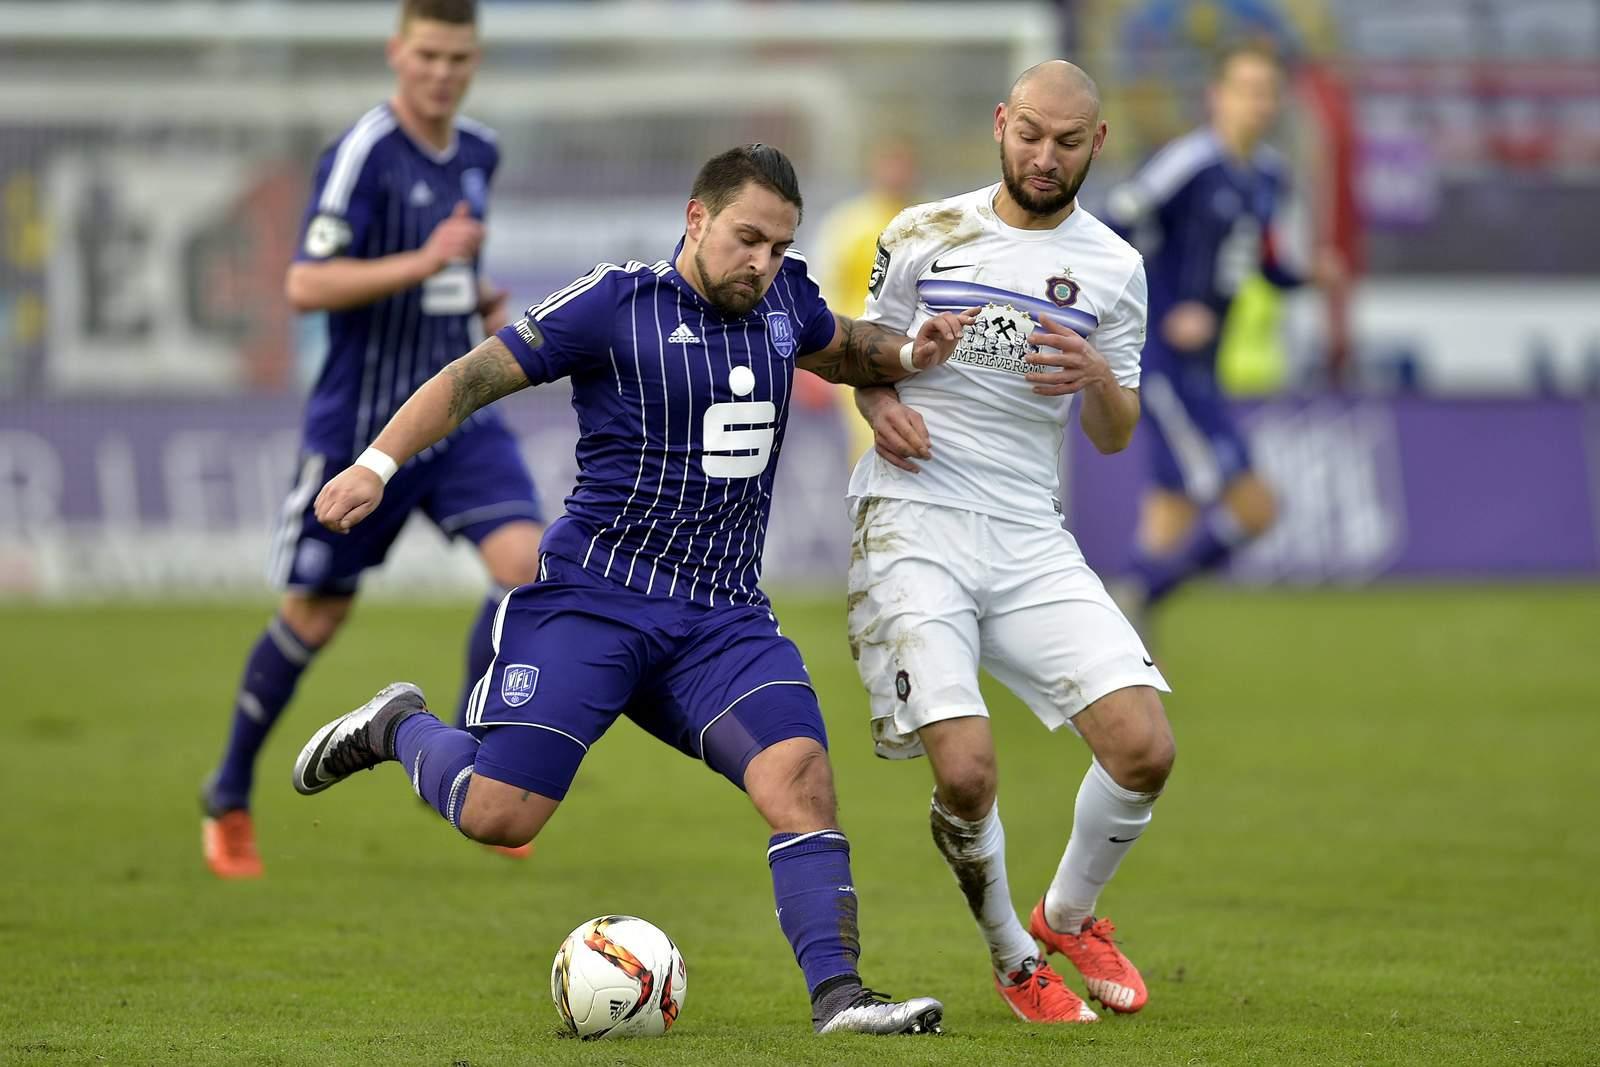 Marcos Alvarez vom VfL Osnabrück gegen Philipp Riese von Erzgebirge Aue